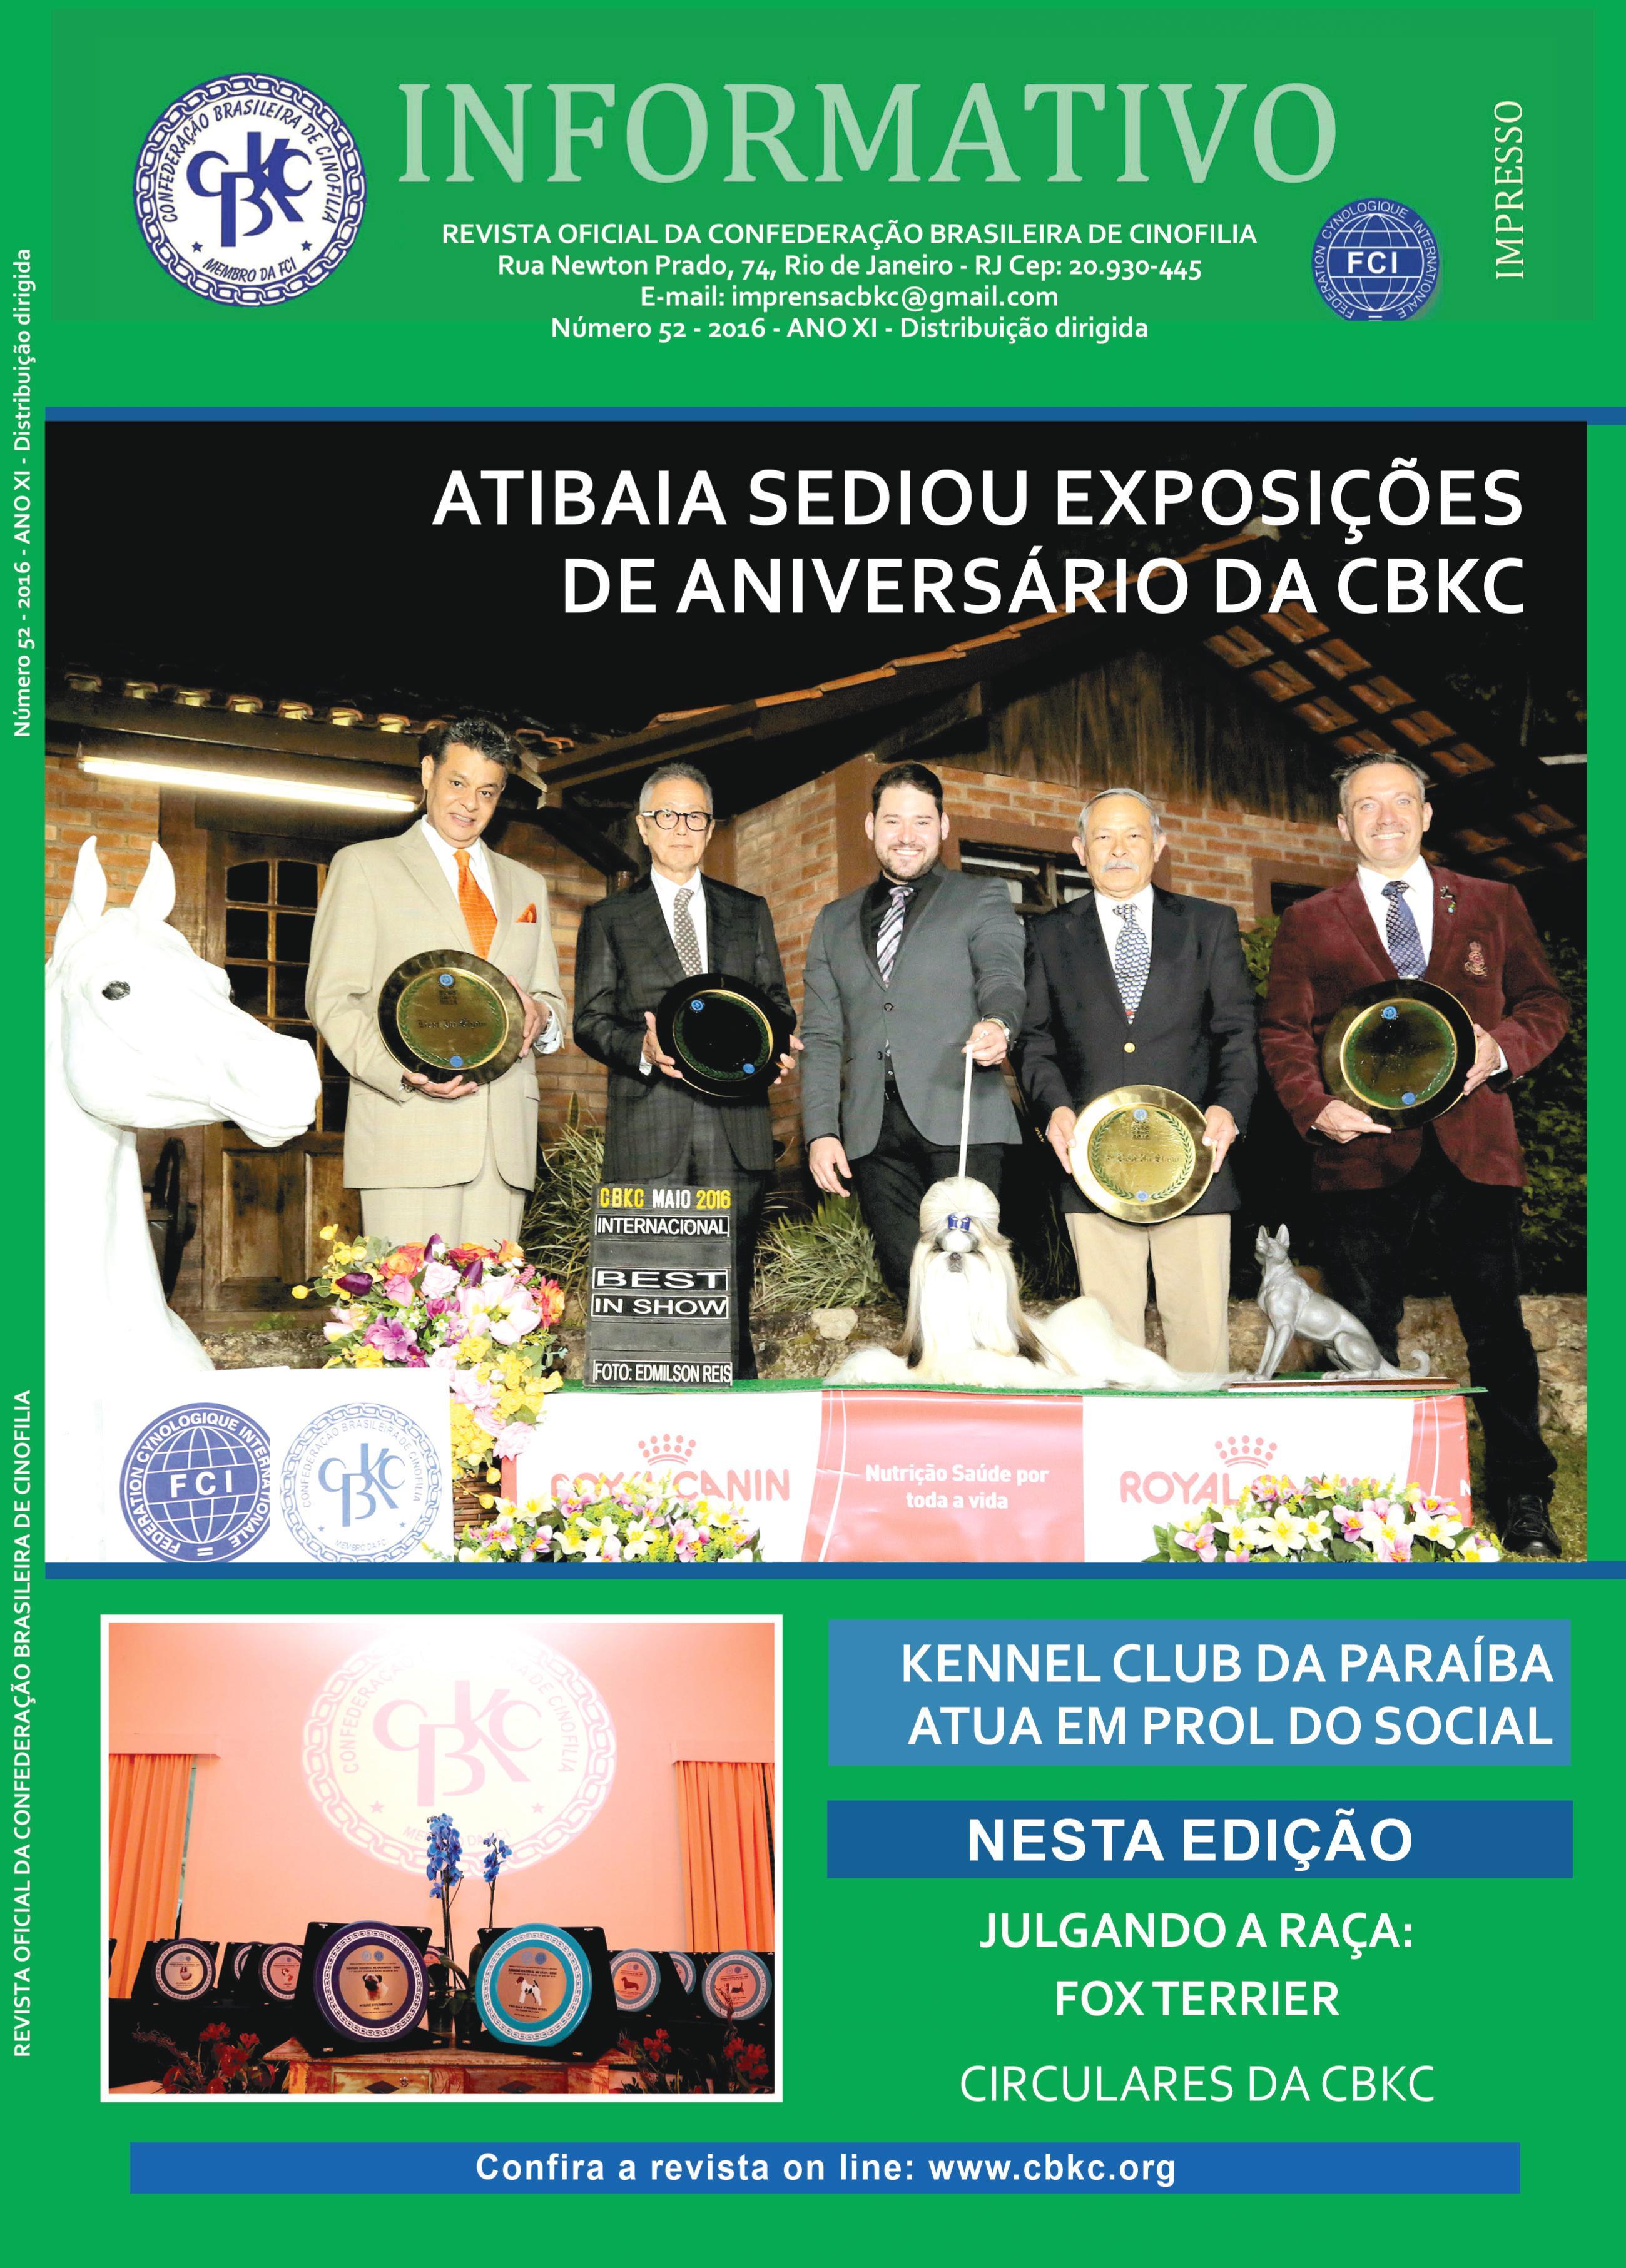 Informativo CBKC Edição 52